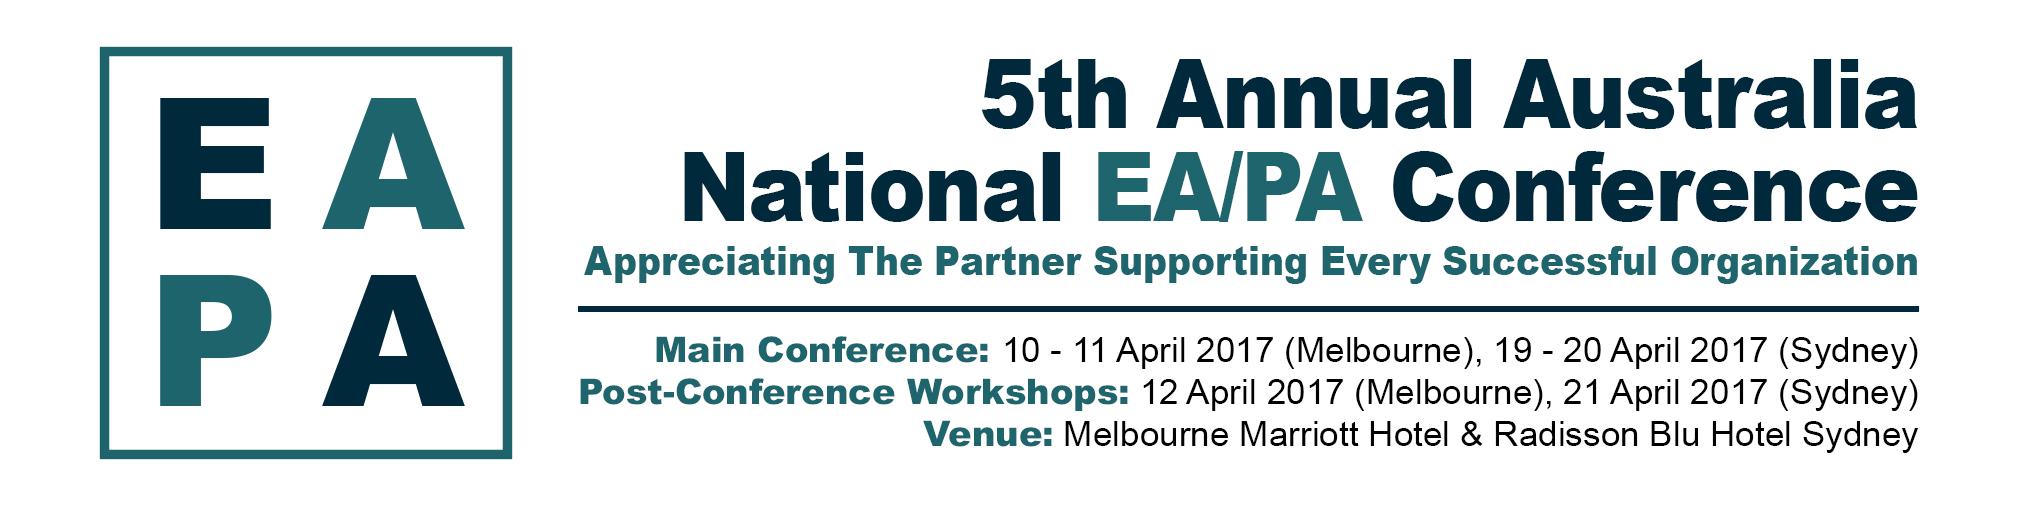 EAPA 2017